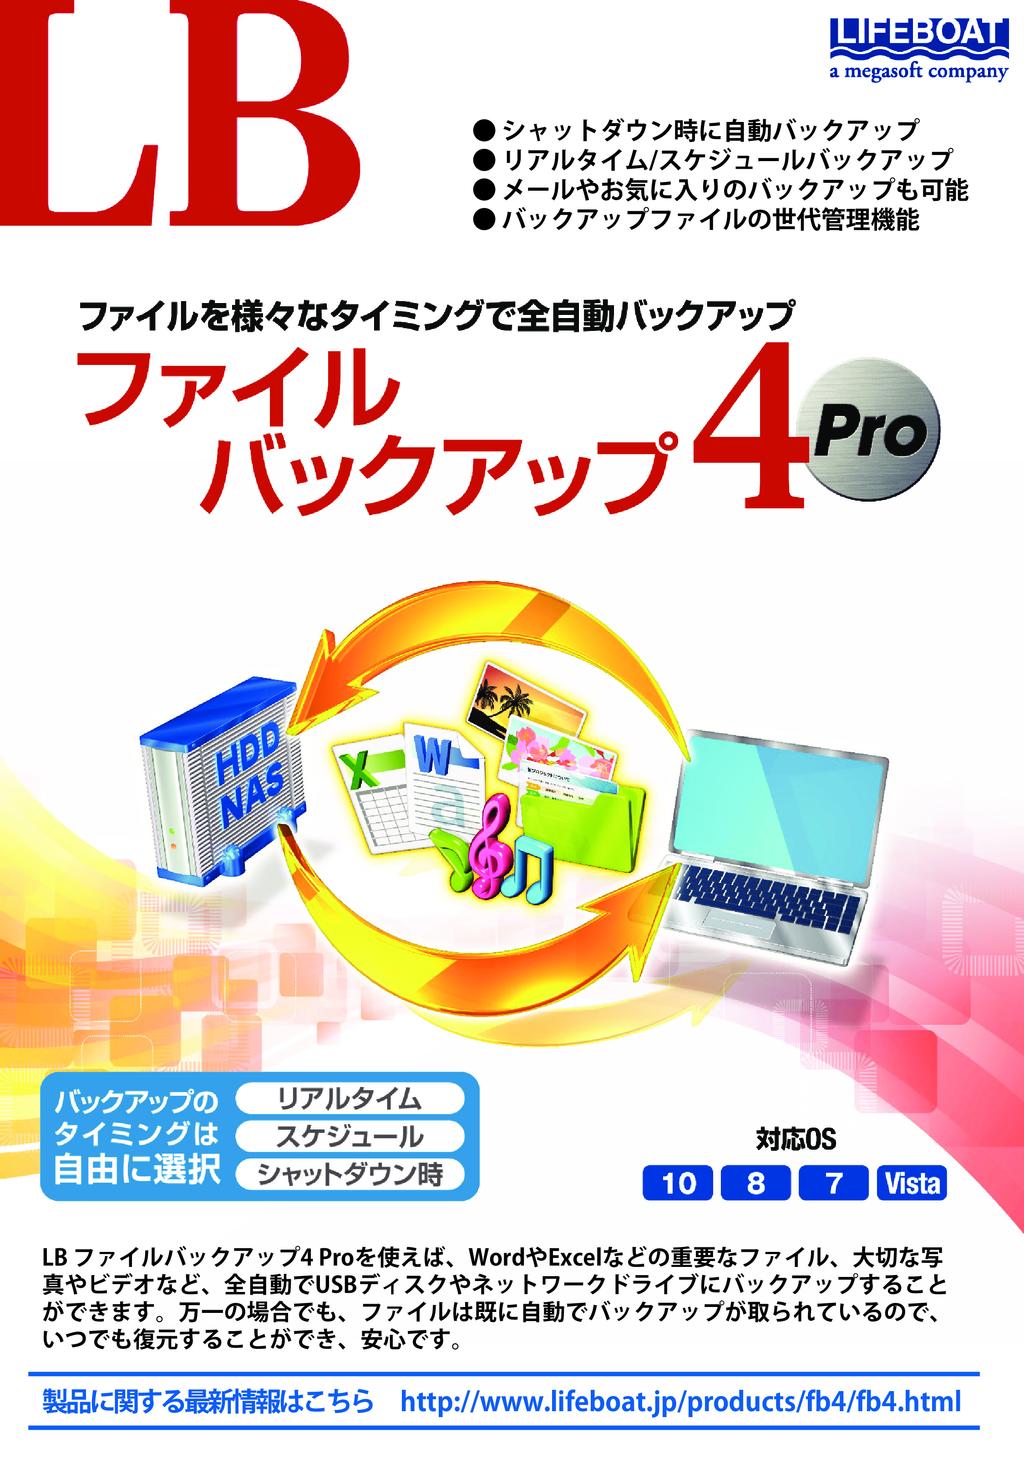 LB ファイルバックアップ4 Proの資料